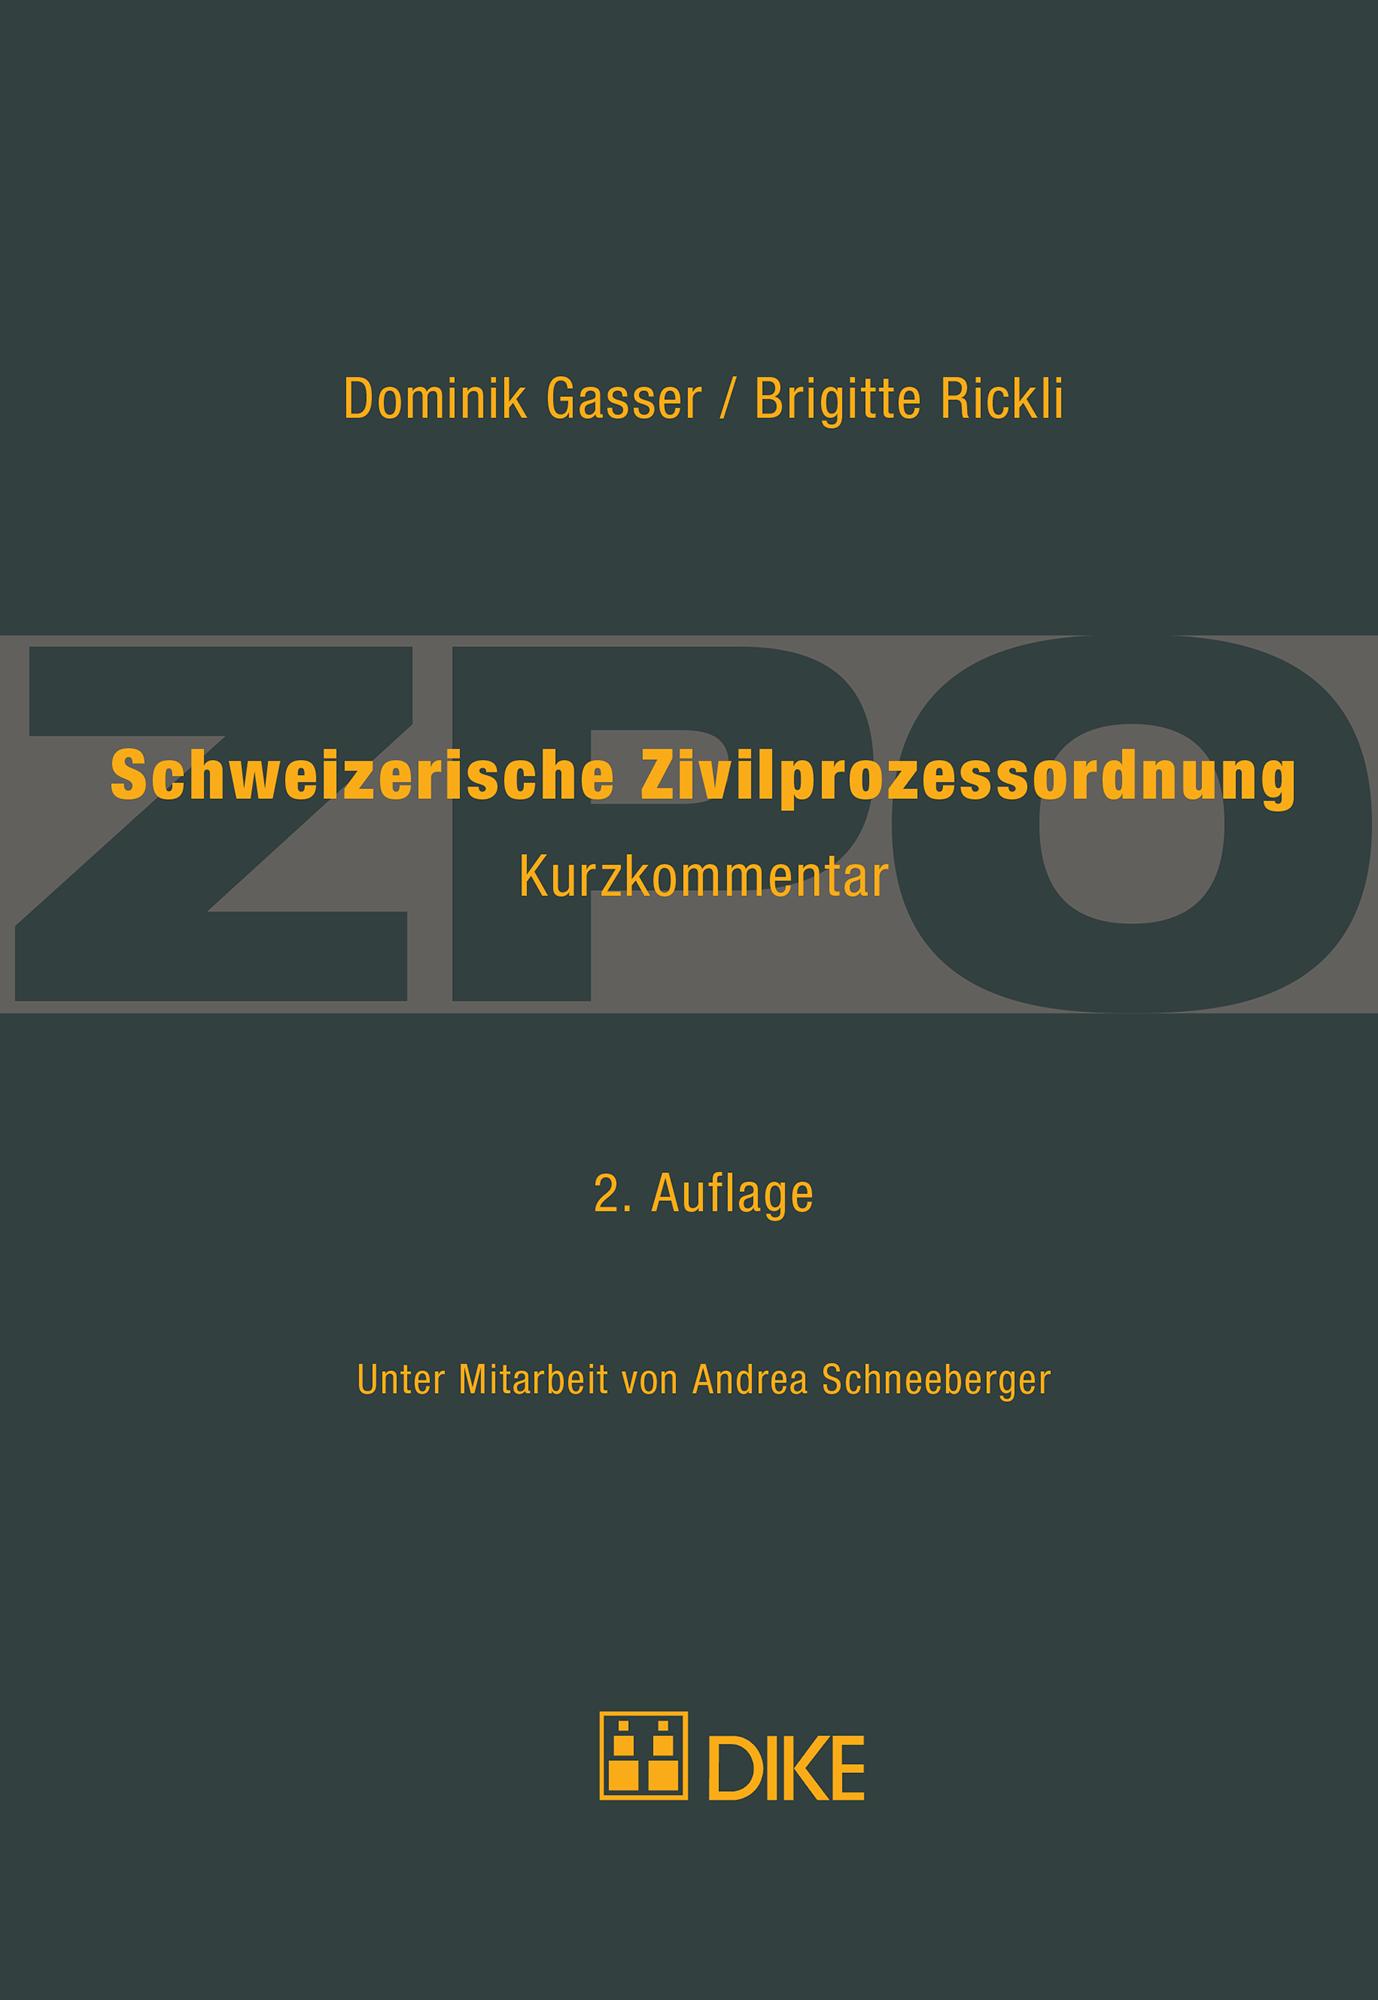 Schweizerische Zivilprozessordnung